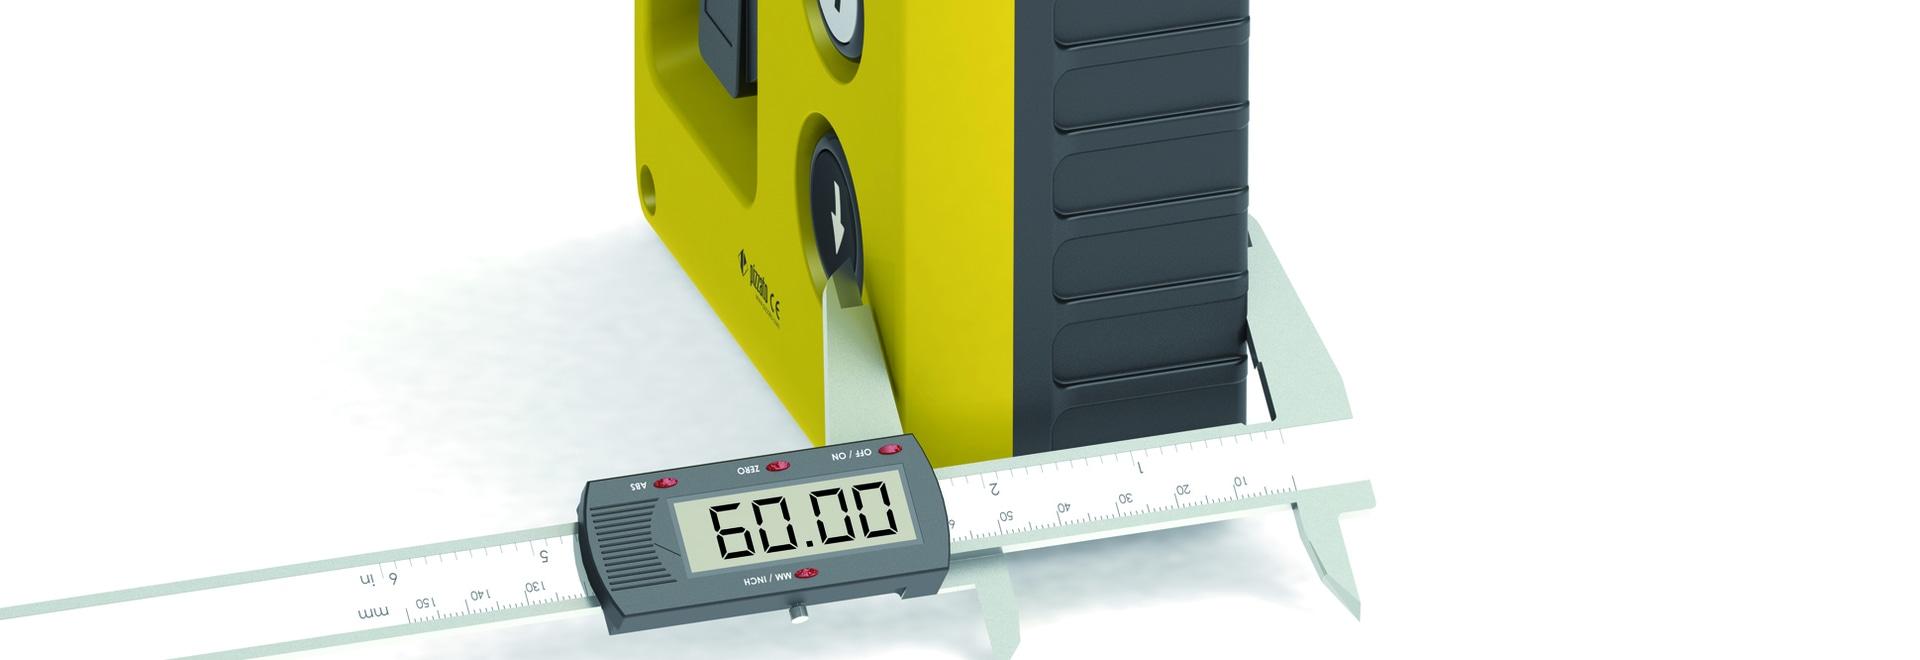 Stazioni di controllo dell'ascensore con altezza 60mm-reduced